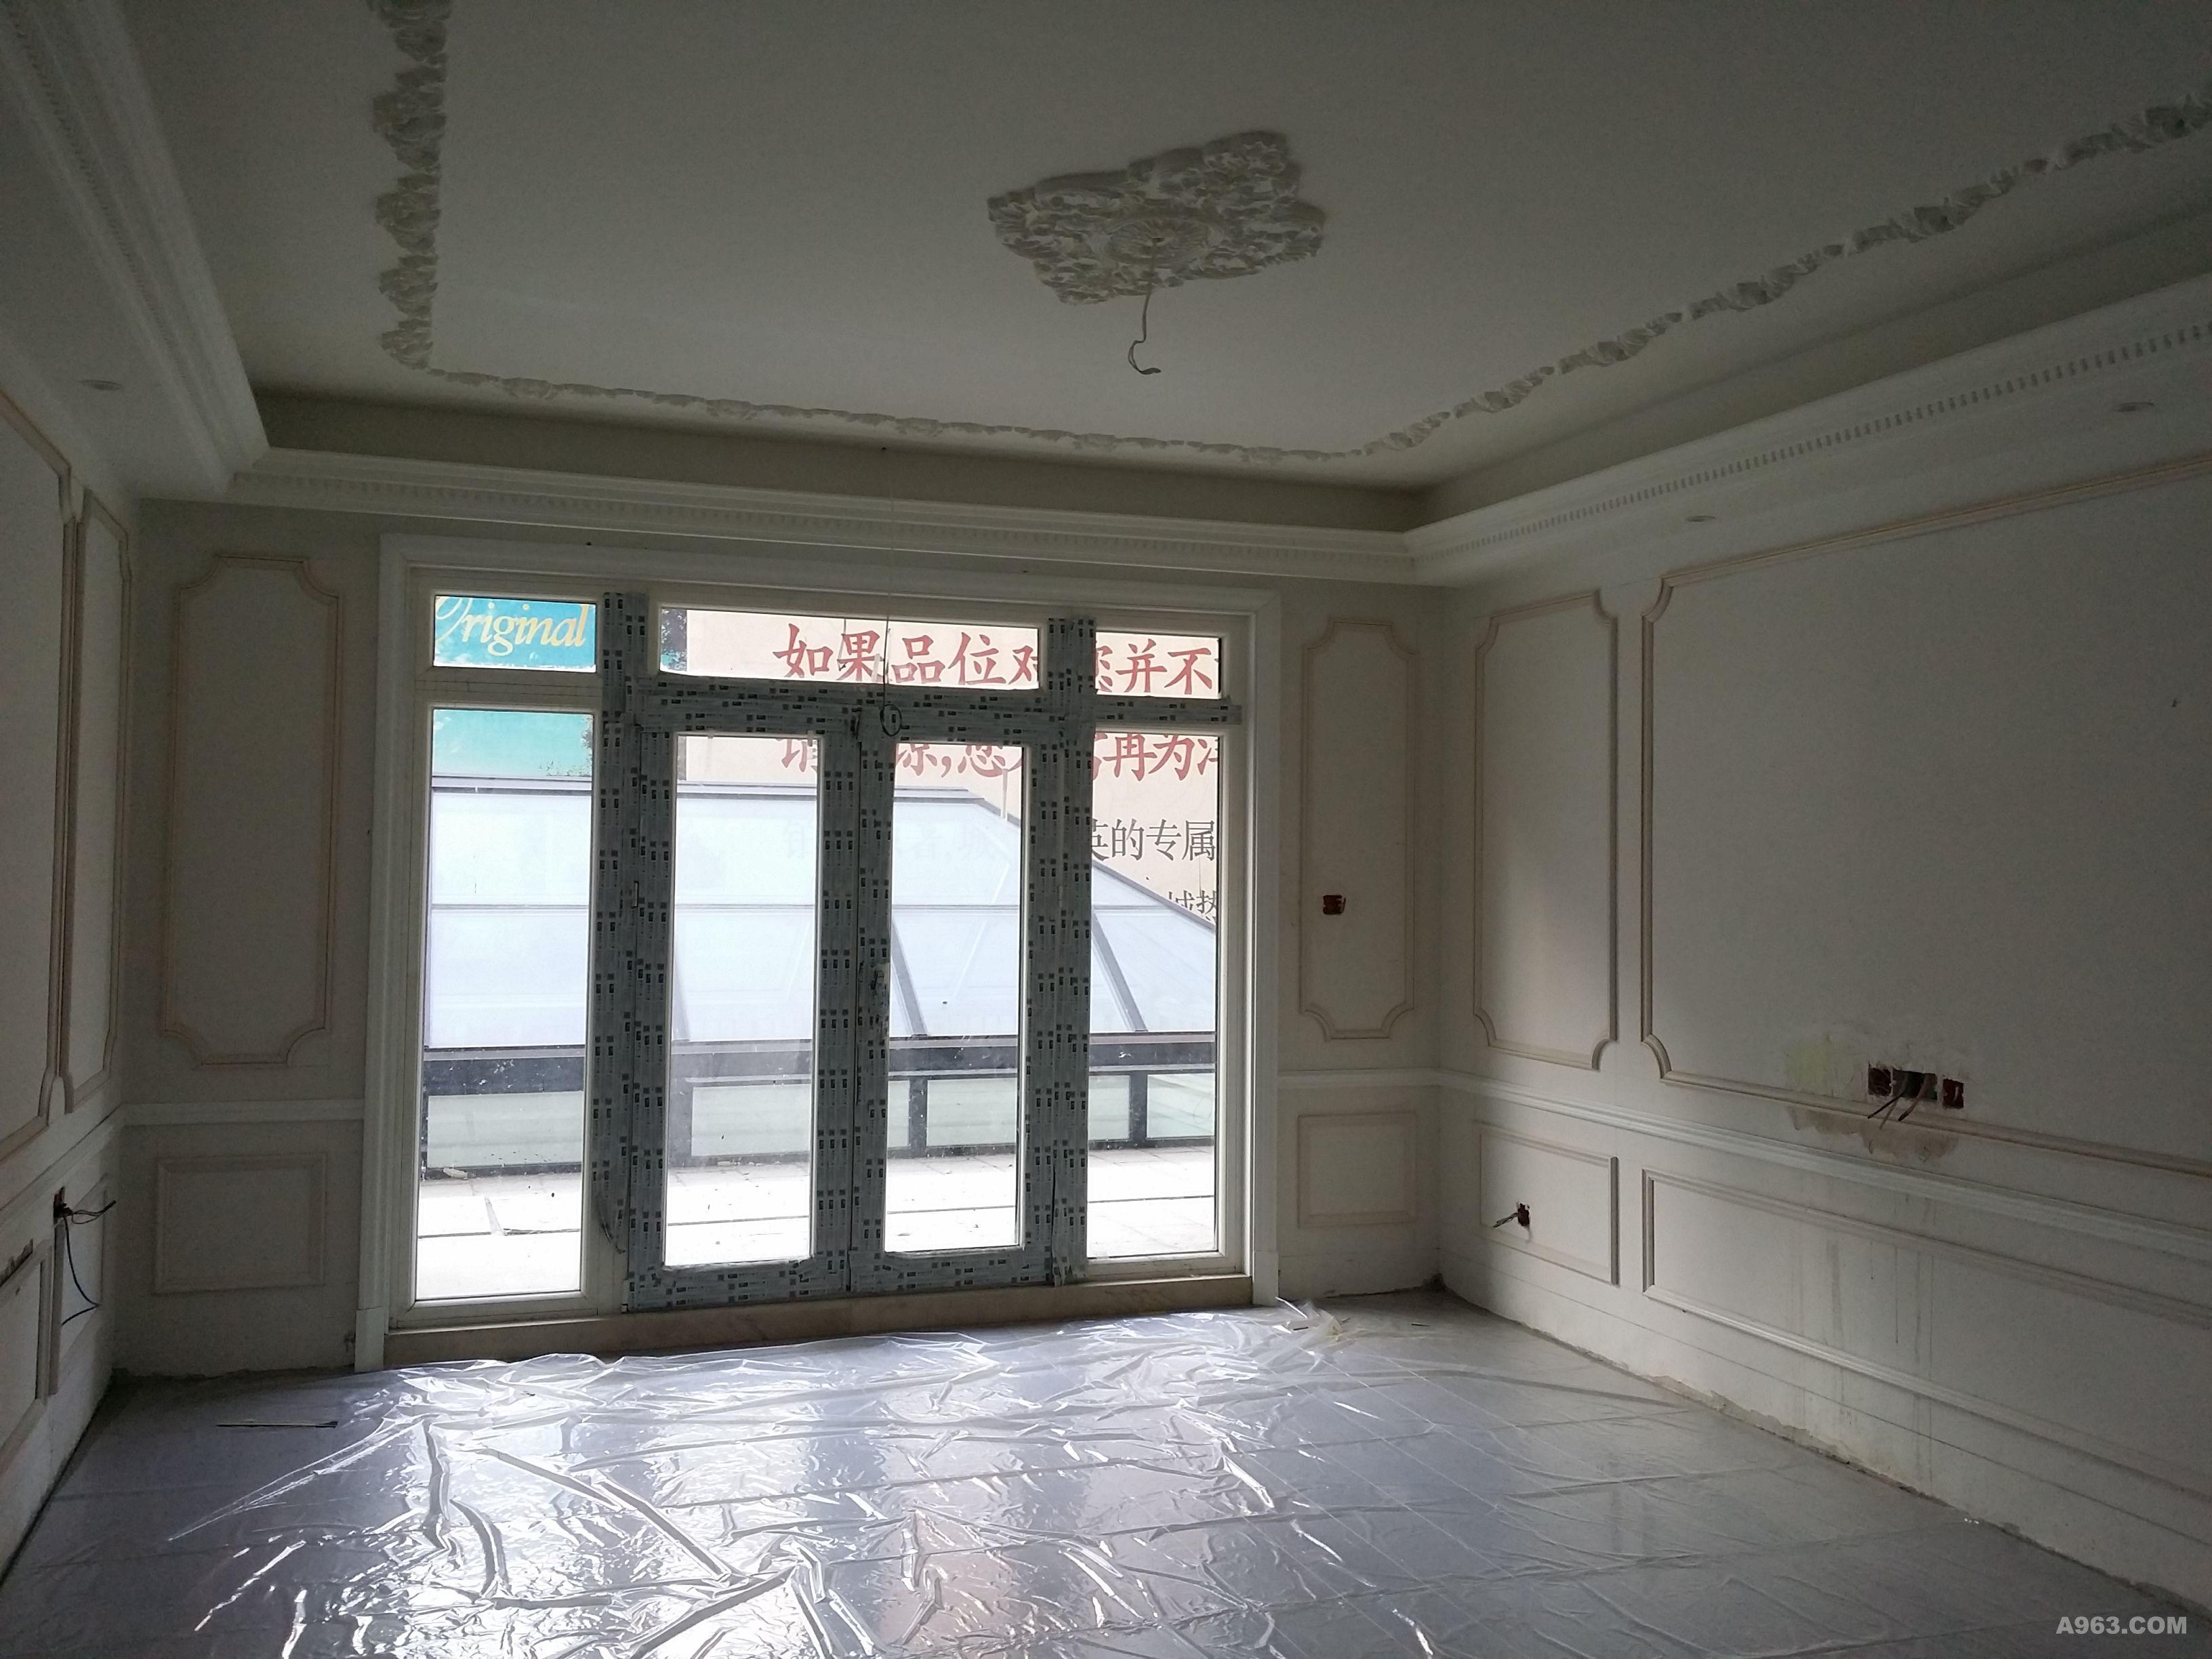 落地推拉门大客厅,子母门厨房,蓝白色瓷砖装点的地中海气质花园庭院